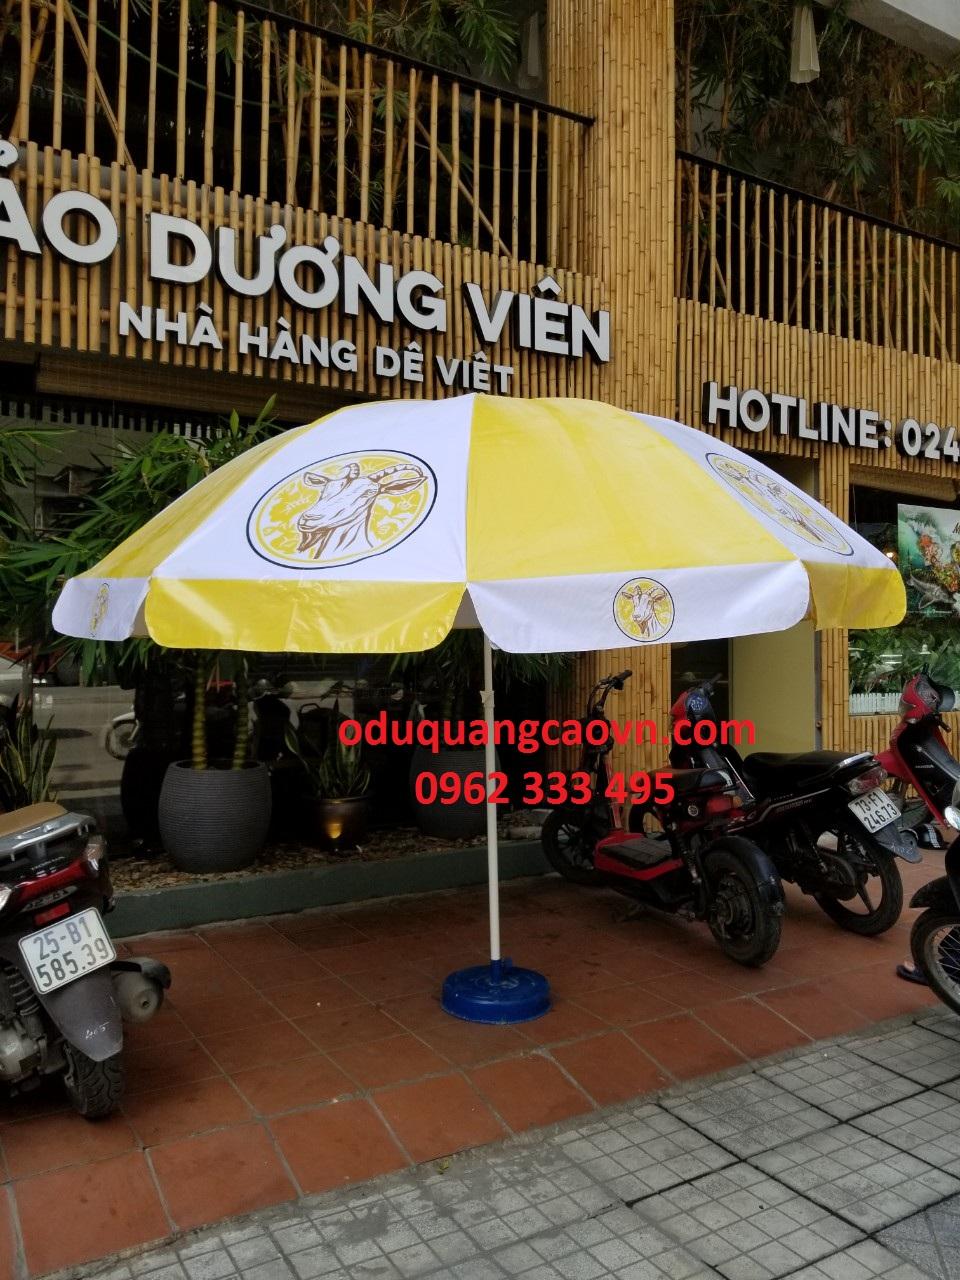 ô dù quảng cáo 3m tại Nhà Hàng Dê Việt